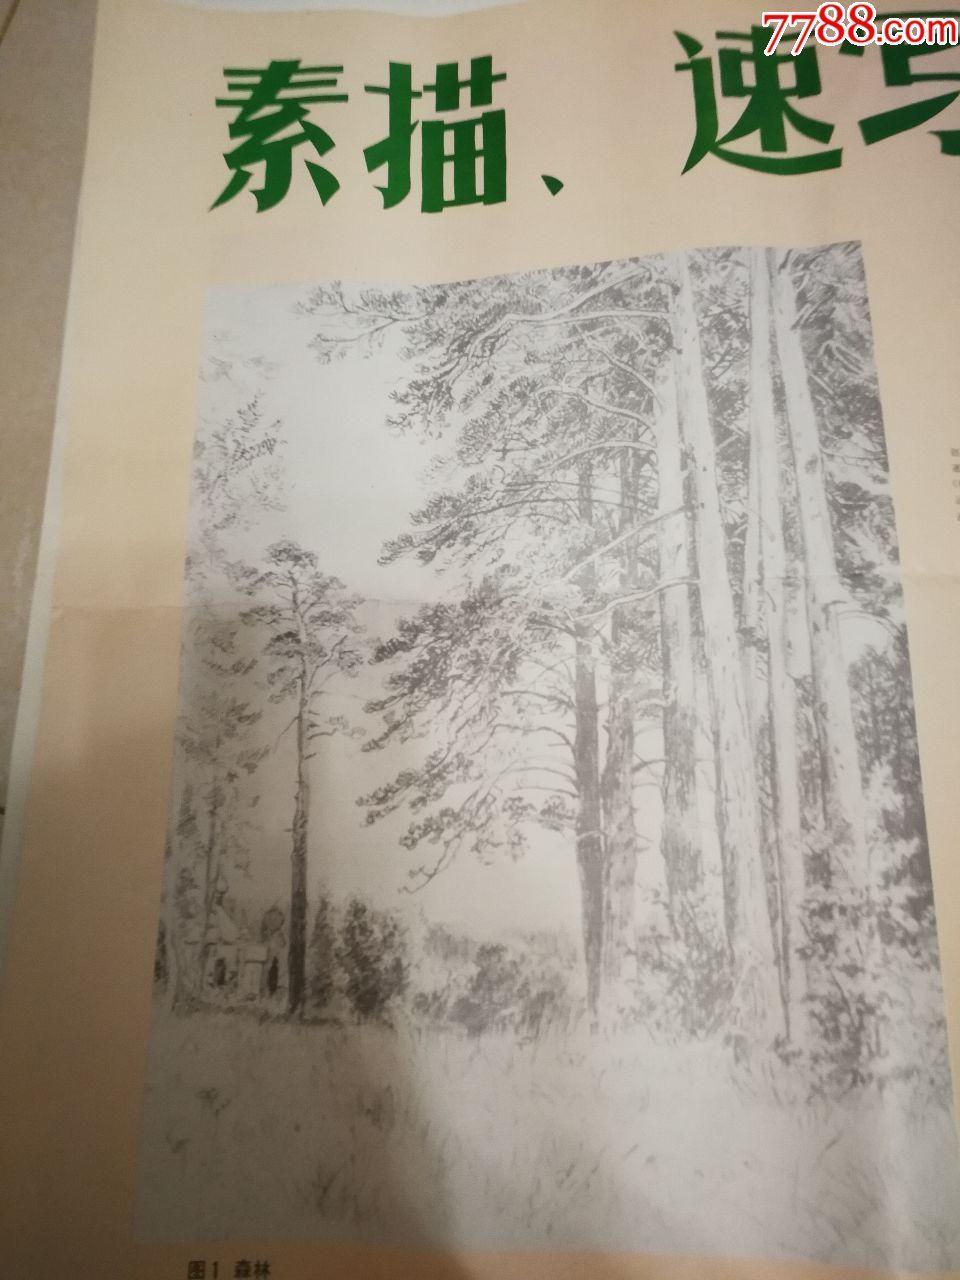 课本小学美术教学画片挂图步骤、森林(素描、南方全站362r操作速写图片